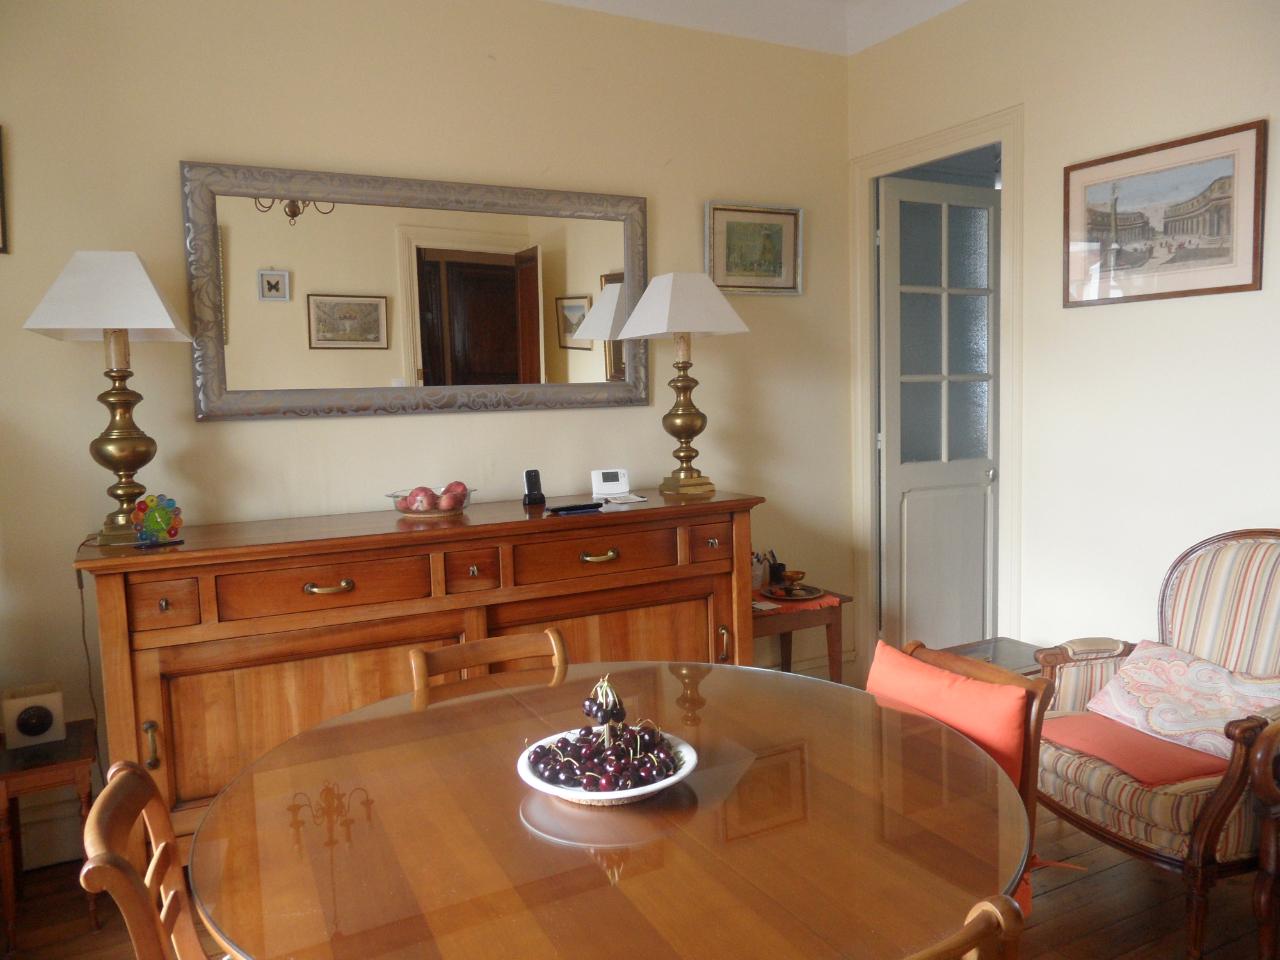 vente maison à SAINT JEAN DE LUZ - 1 183 000